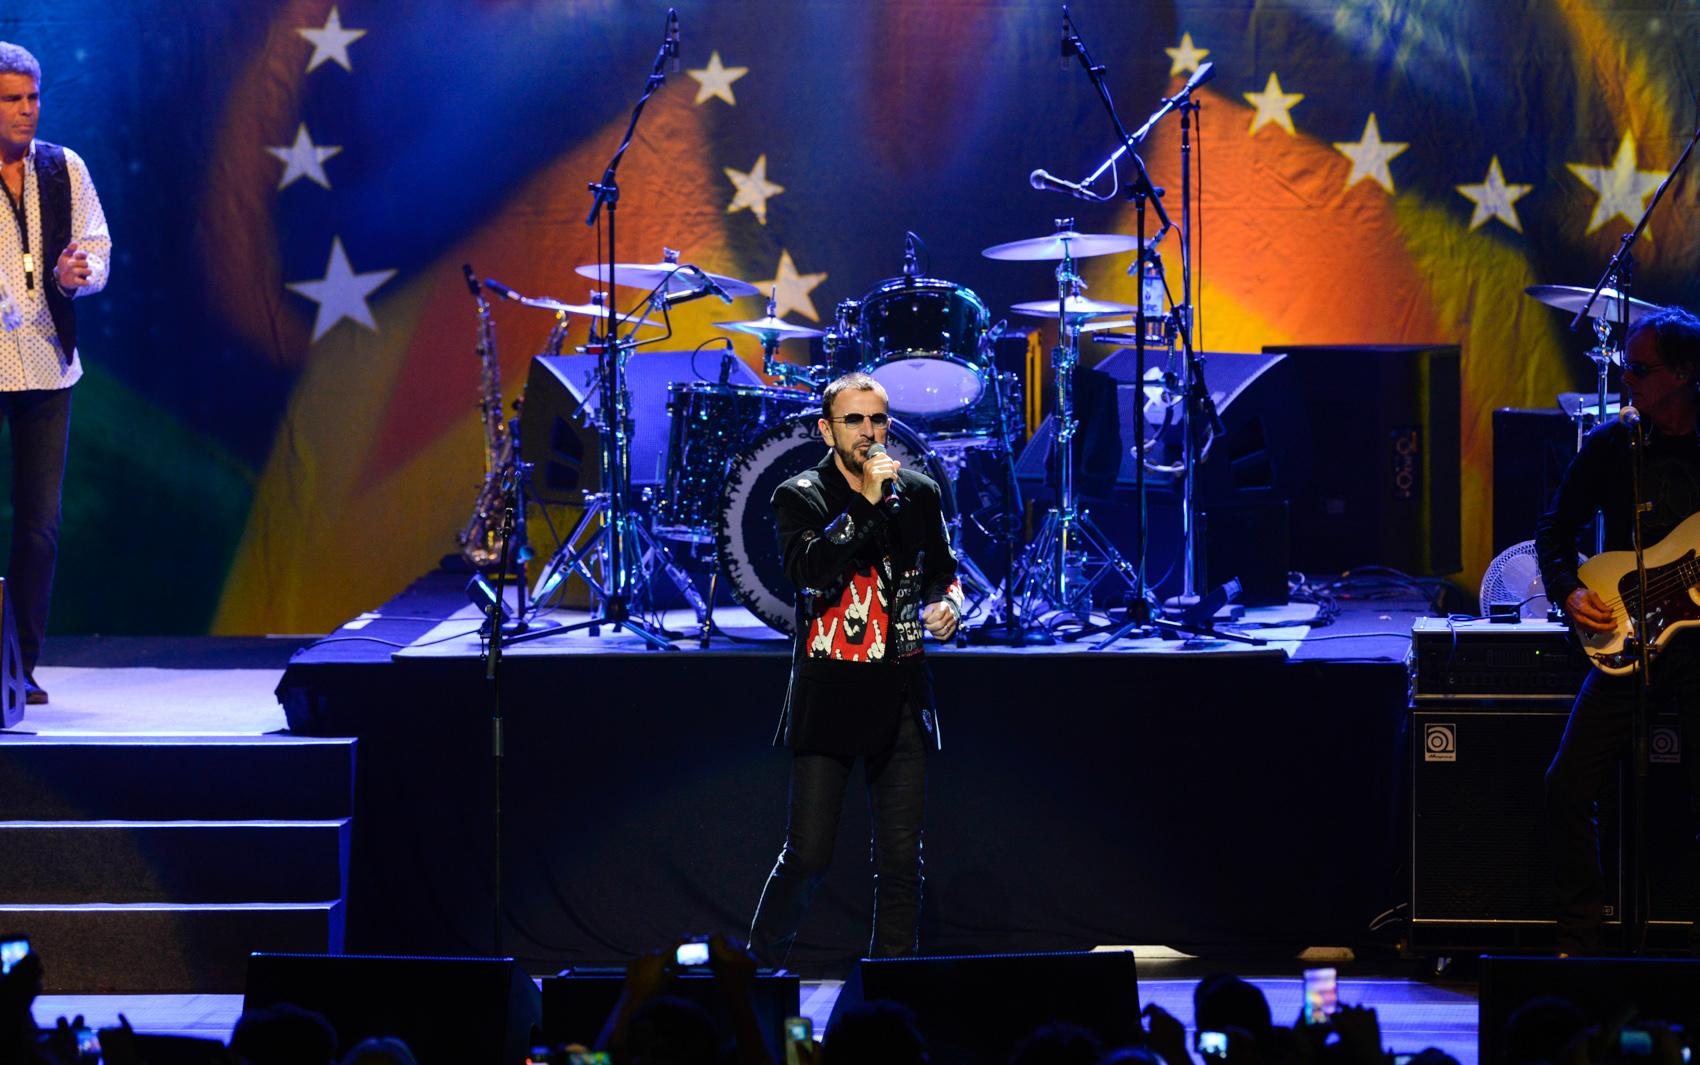 Ringo Starr se apresenta em São Paulo em show no Credicard Hall.